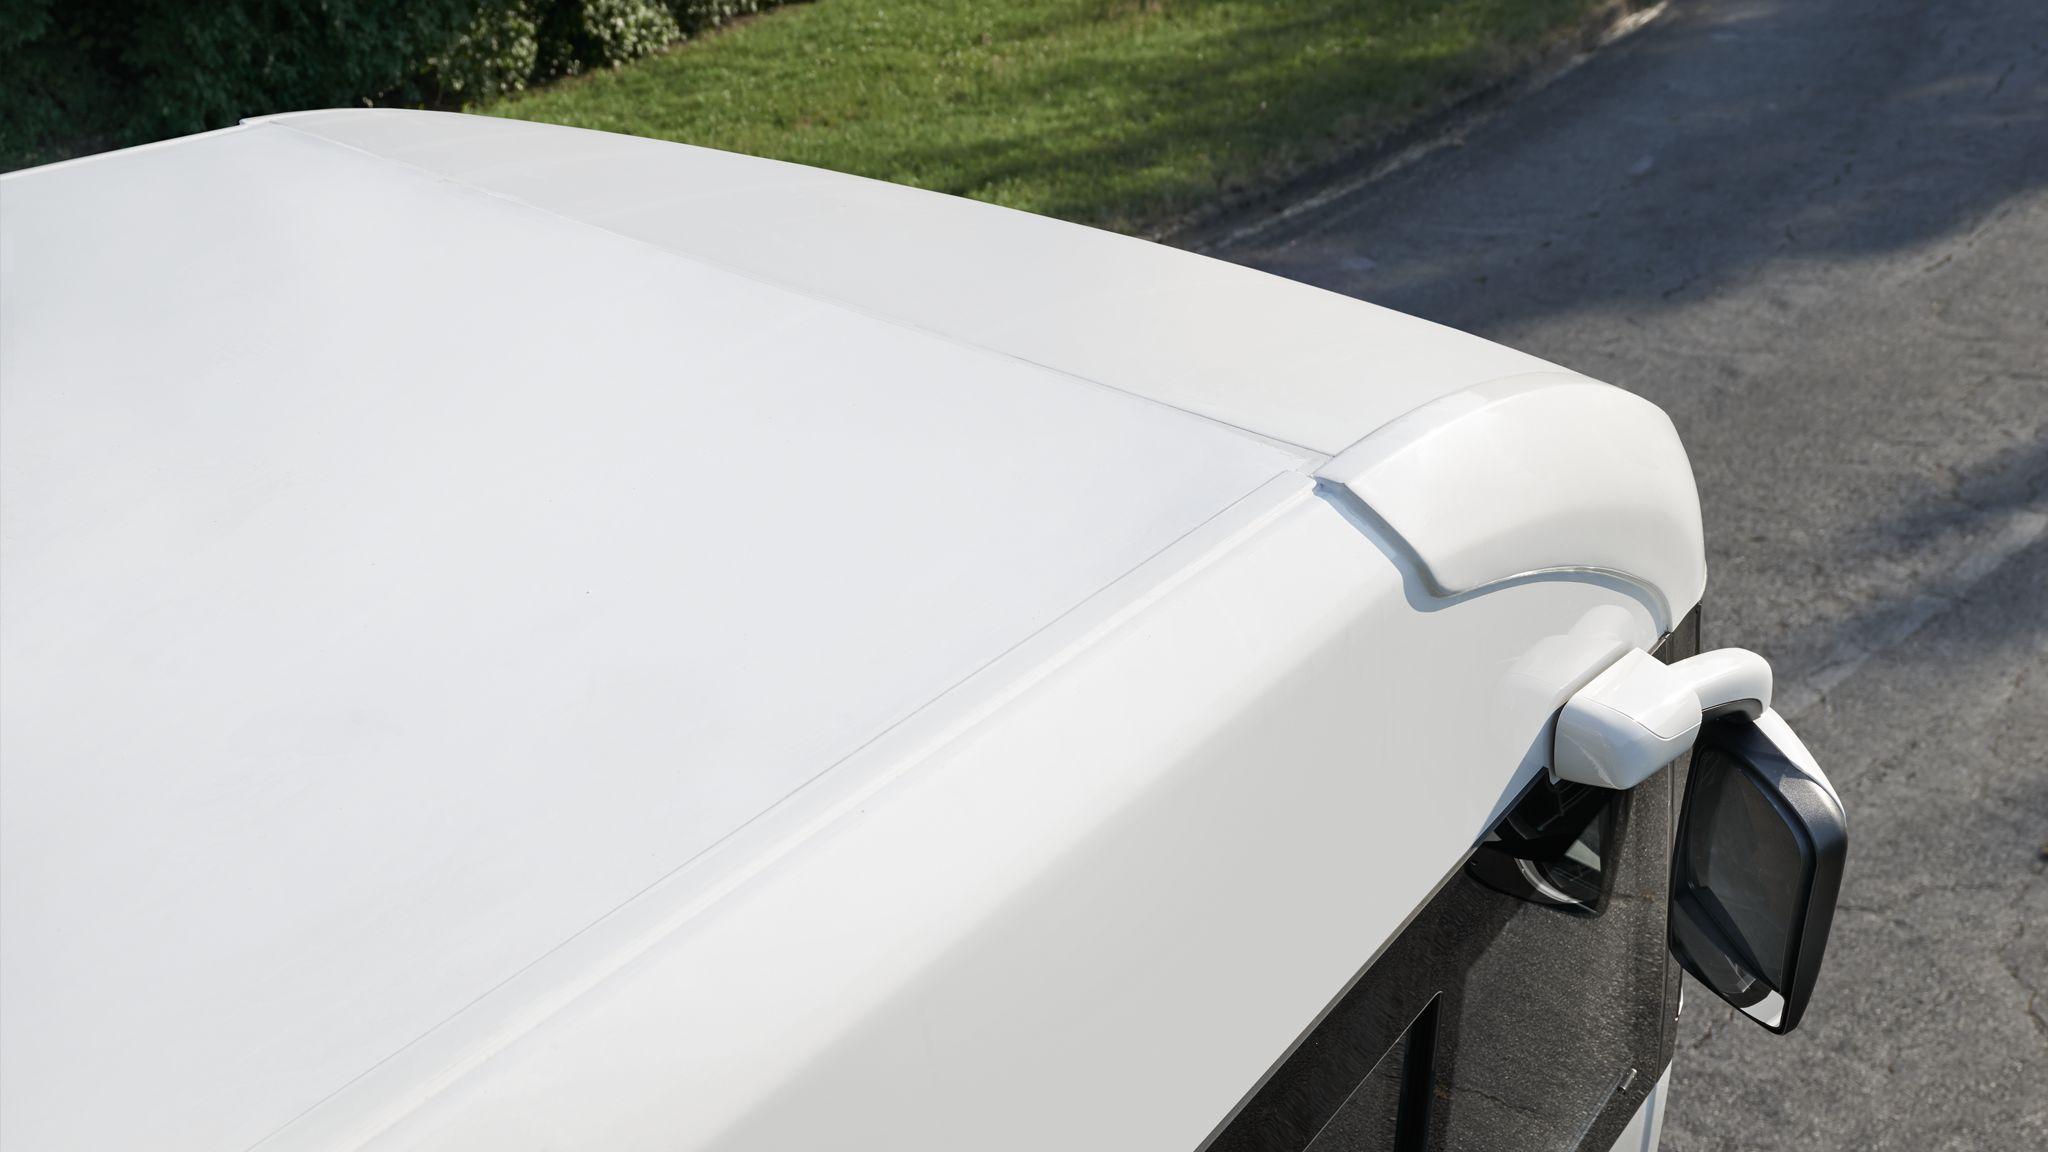 NIESMANN+BISCHOFF - Flair - Seitlicher Dachschutz auf dem GfK-Dach